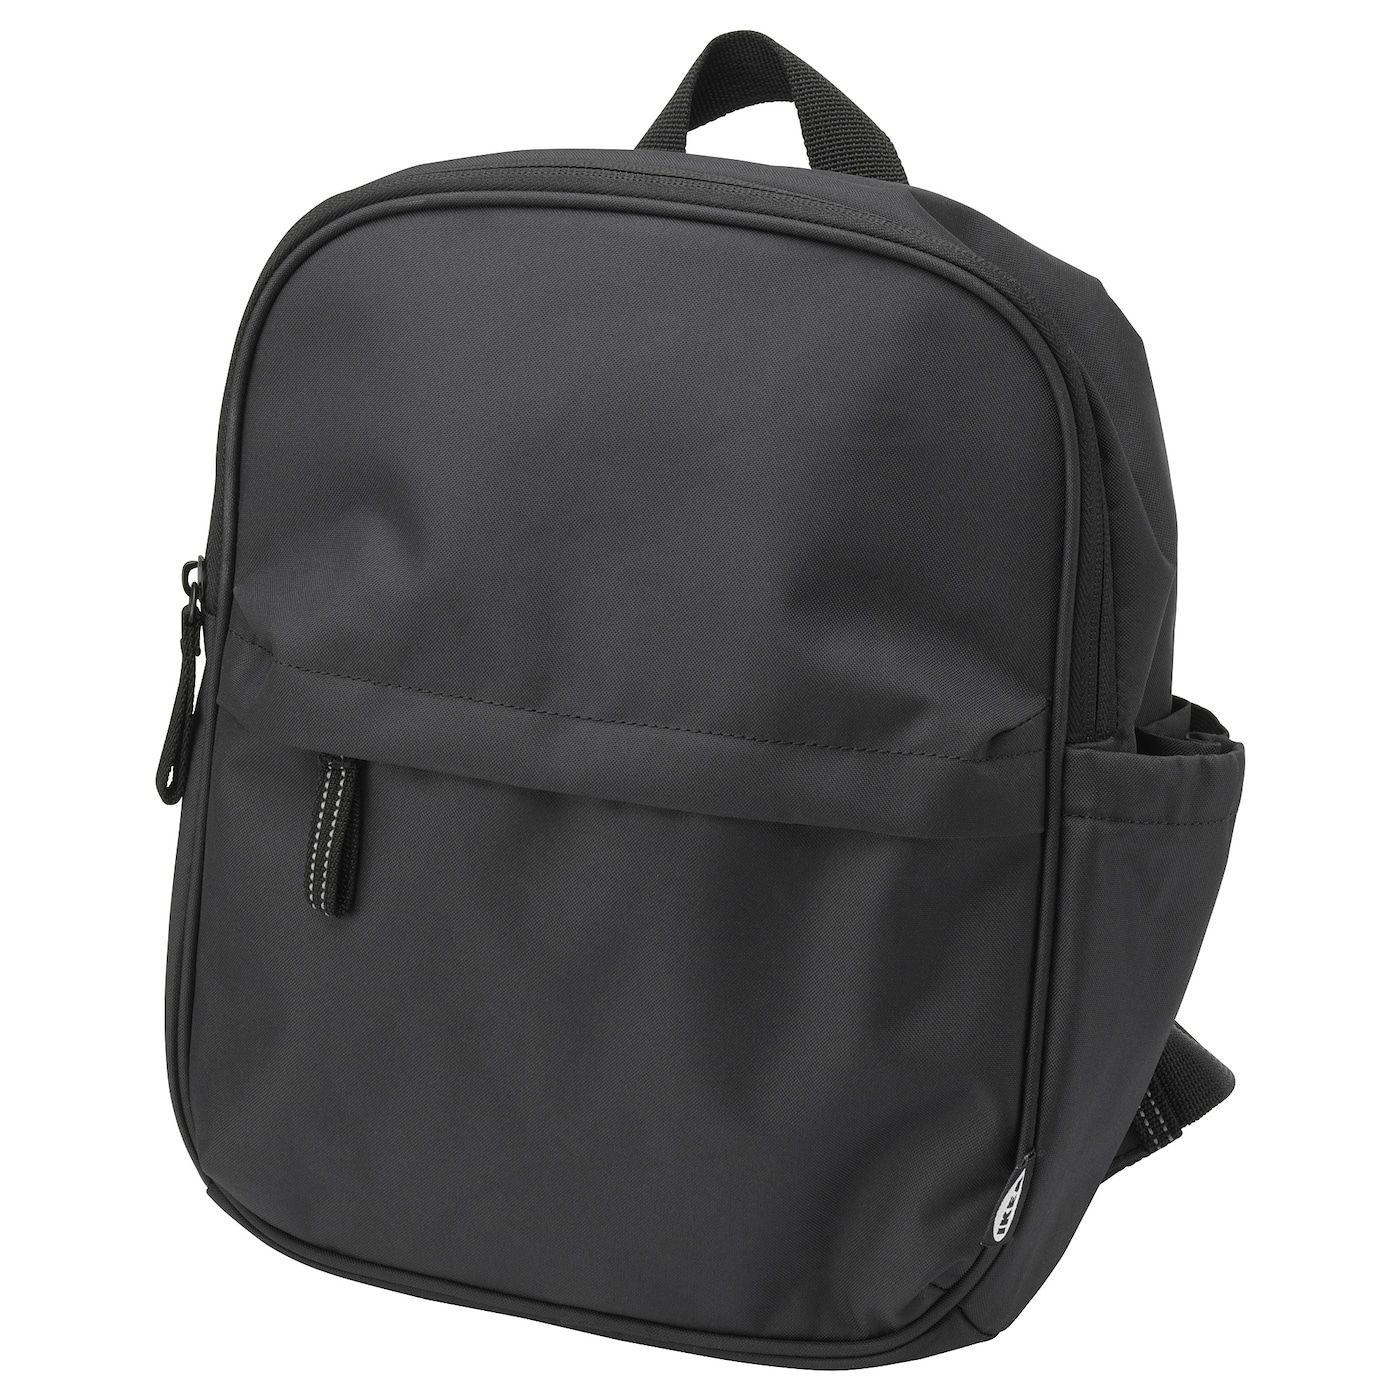 Ikea Starttid Backpack Black Black Backpack Bags Shoulder Bag